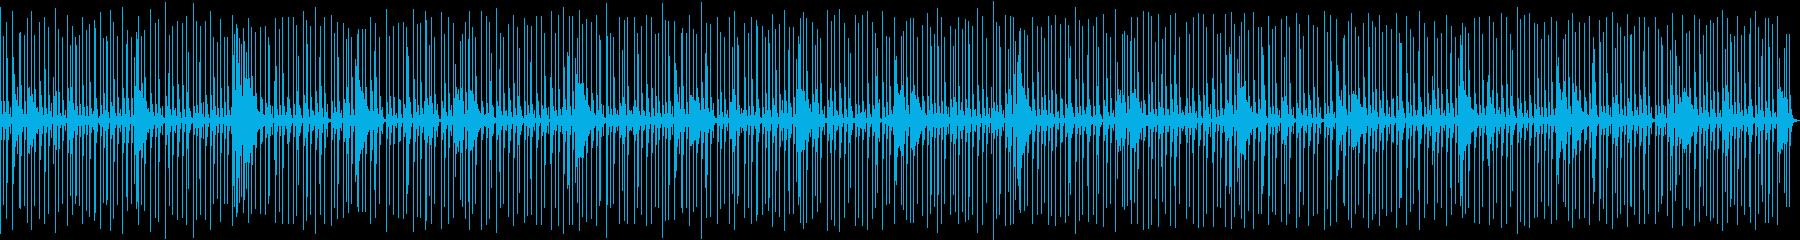 喋り動画用_軽快なドラムソロBGMの再生済みの波形